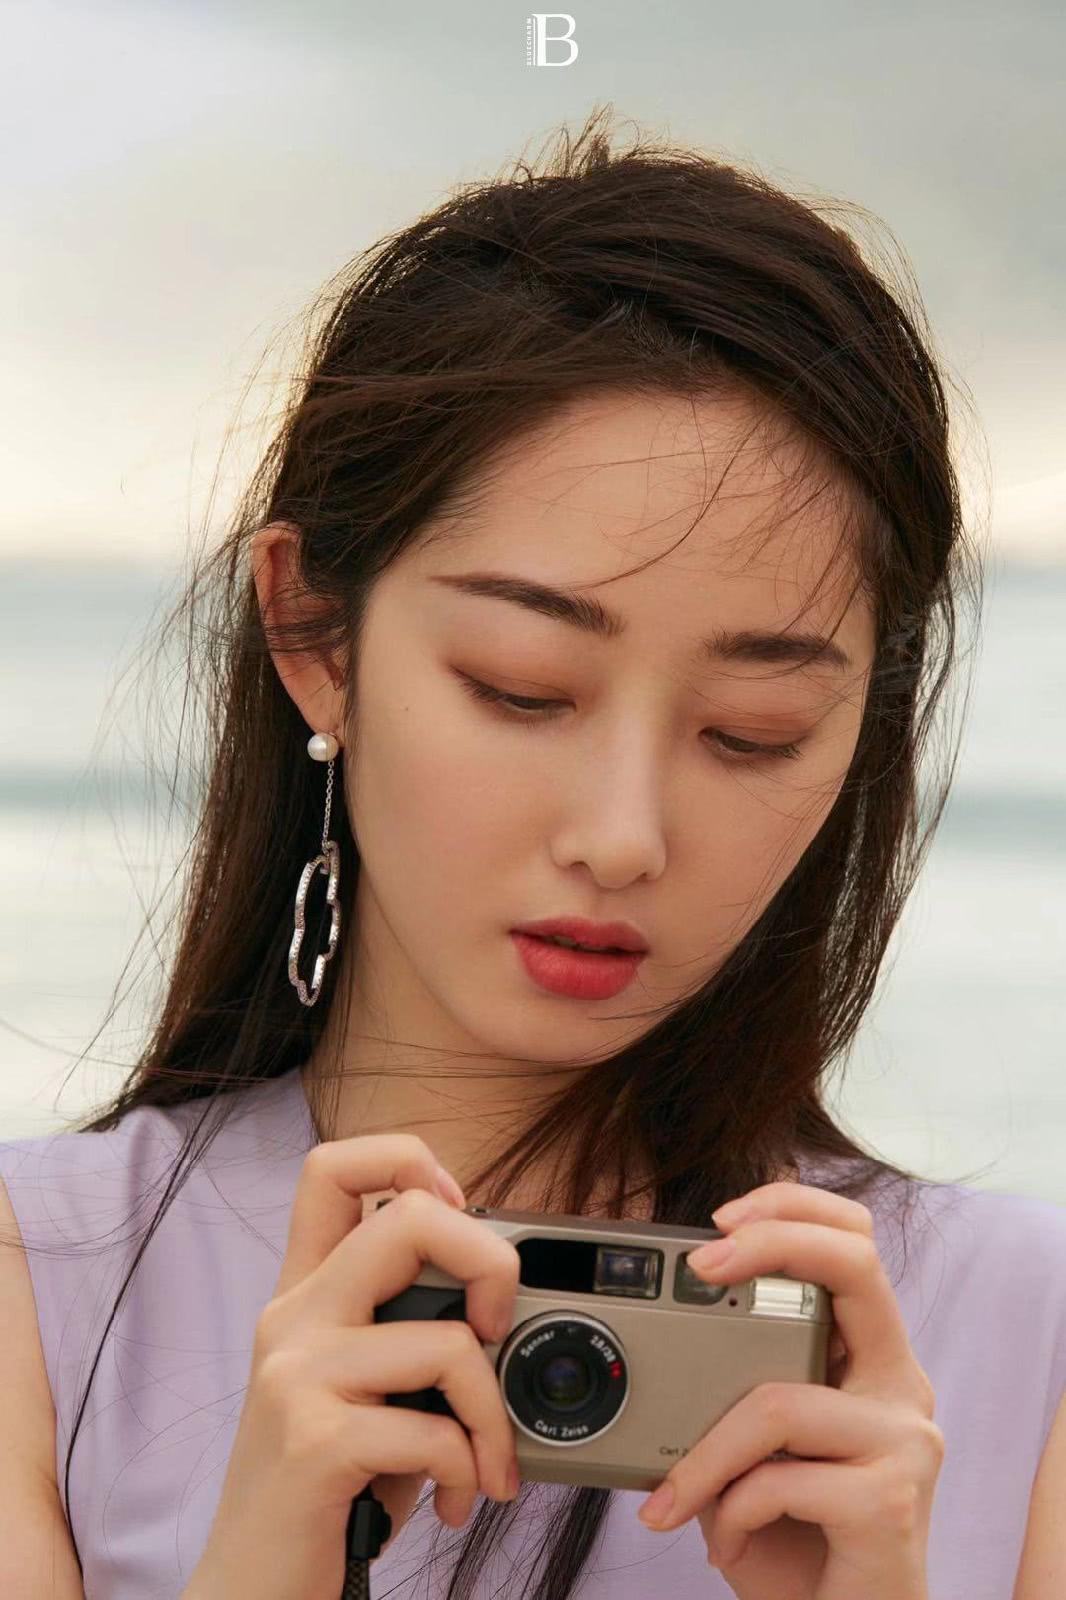 蒋梦婕时尚画报释出,极简连衣裙出众气质,红裙优雅又性感!